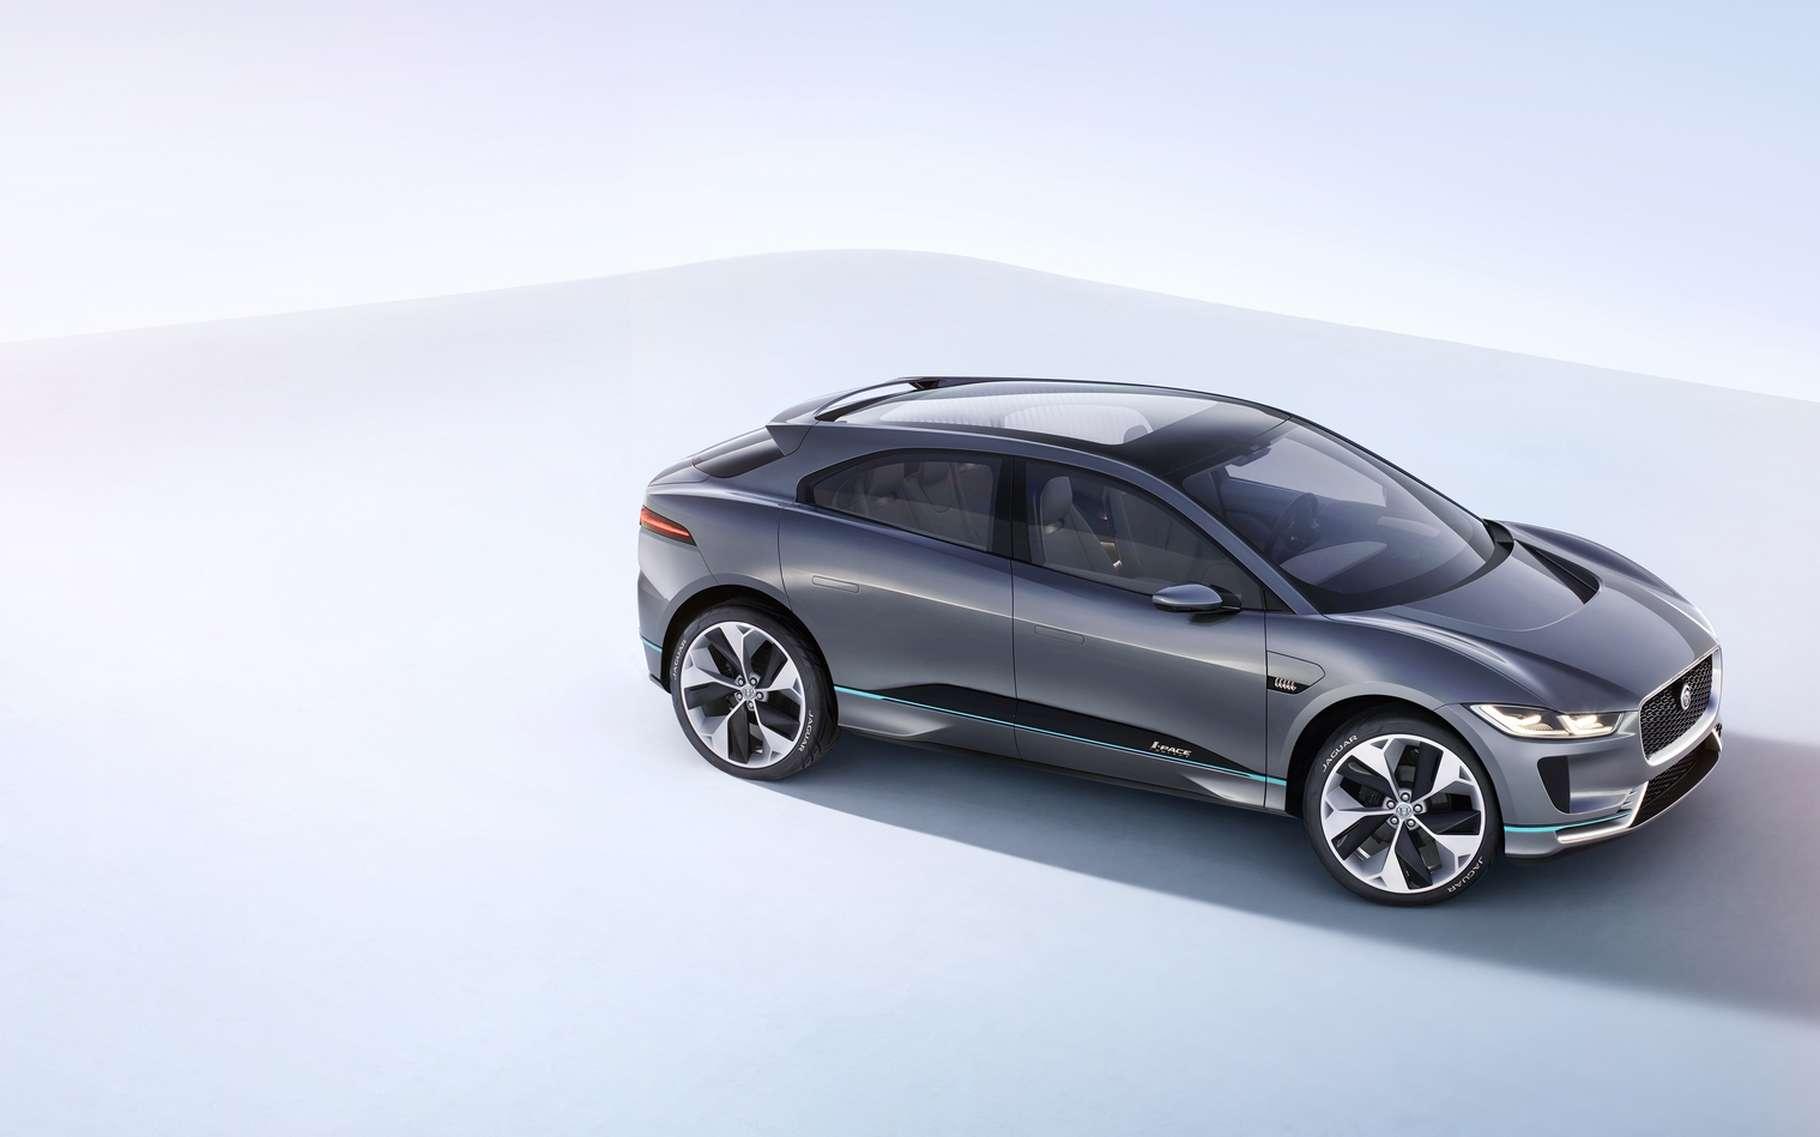 Jaguar se lance sur le marché de la voiture électrique haut de gamme avec un premier modèle appelé I-Pace, dont la sortie est prévue durant le deuxième semestre 2018. © Jaguar